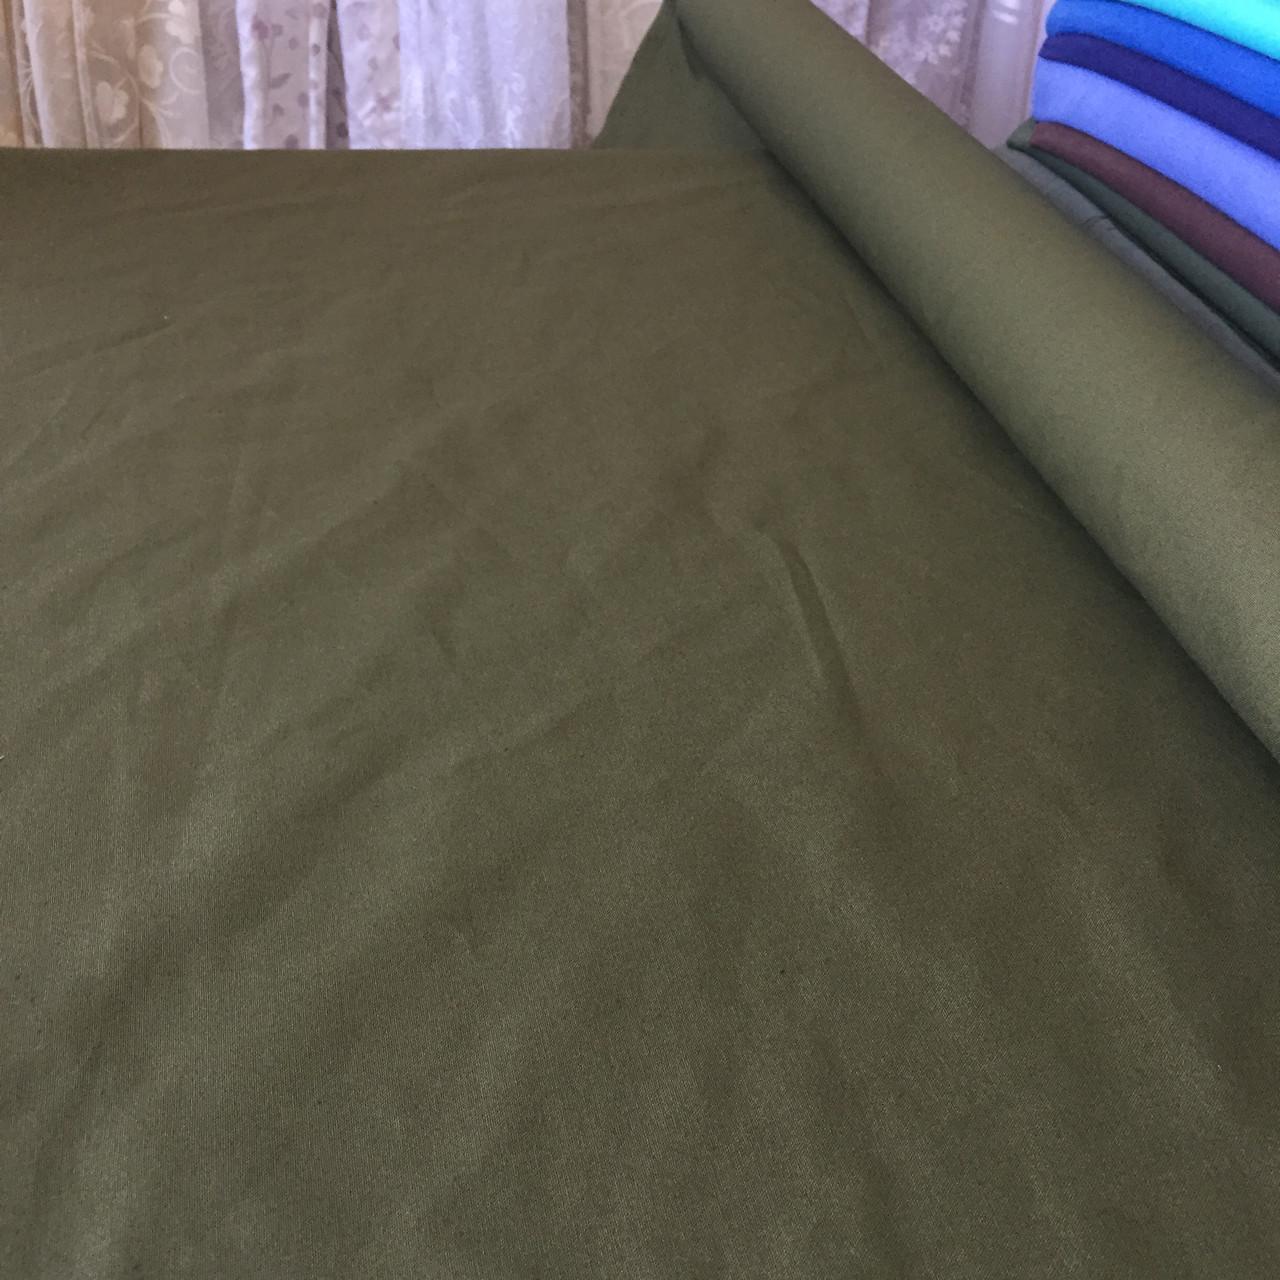 Ткань палаточная хаки купить акрил пебео